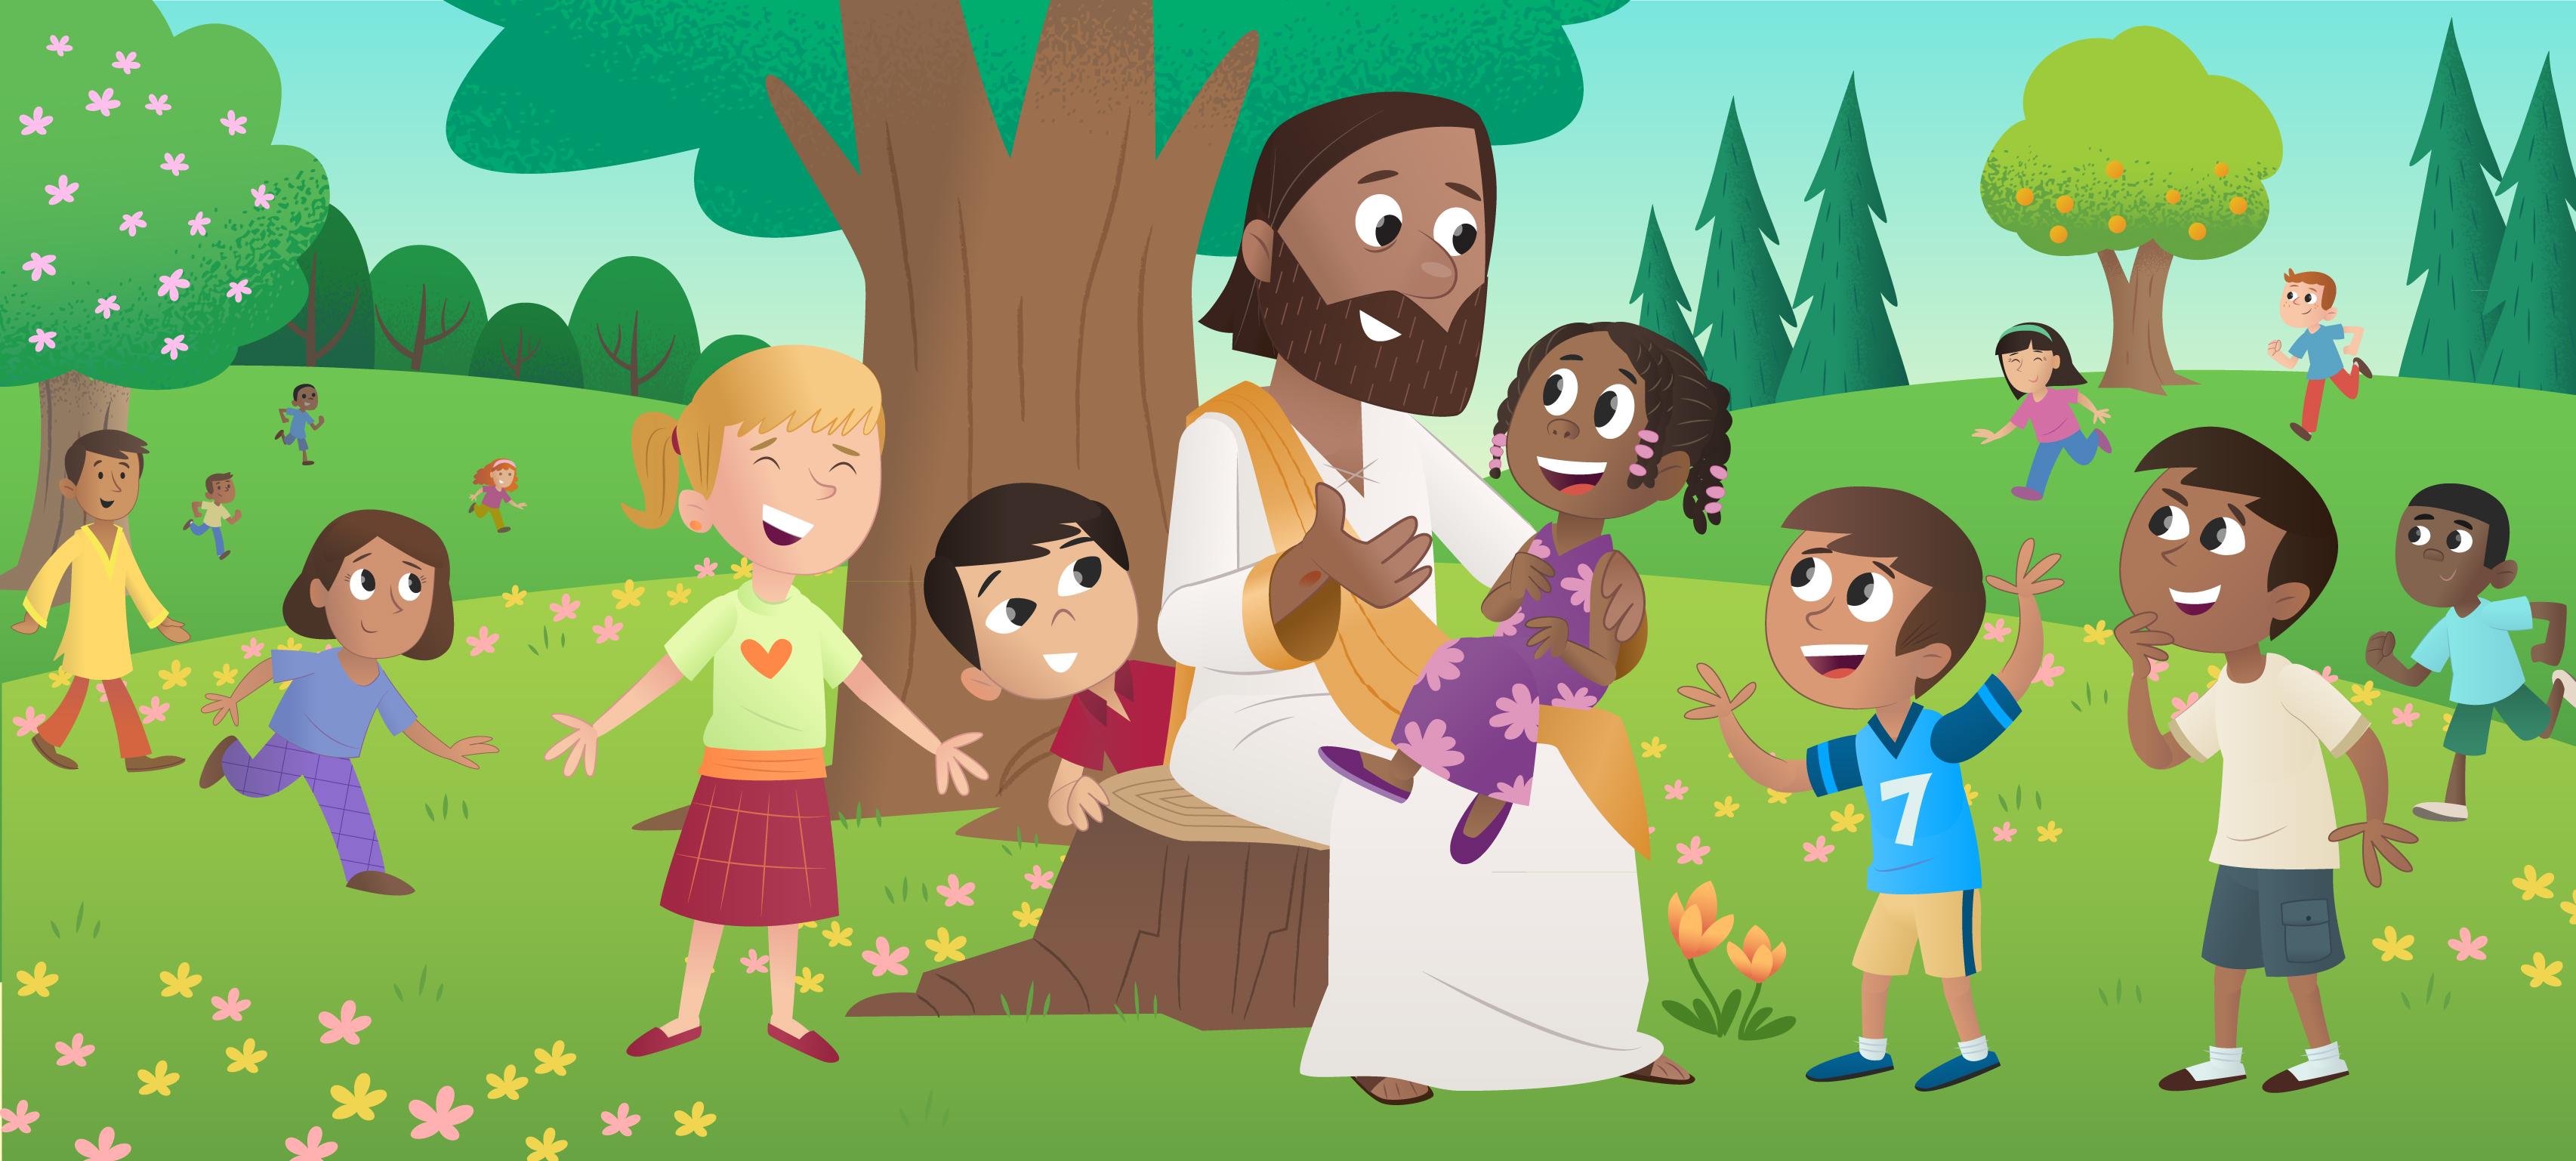 Uutta: Lasten Raamattusovellus